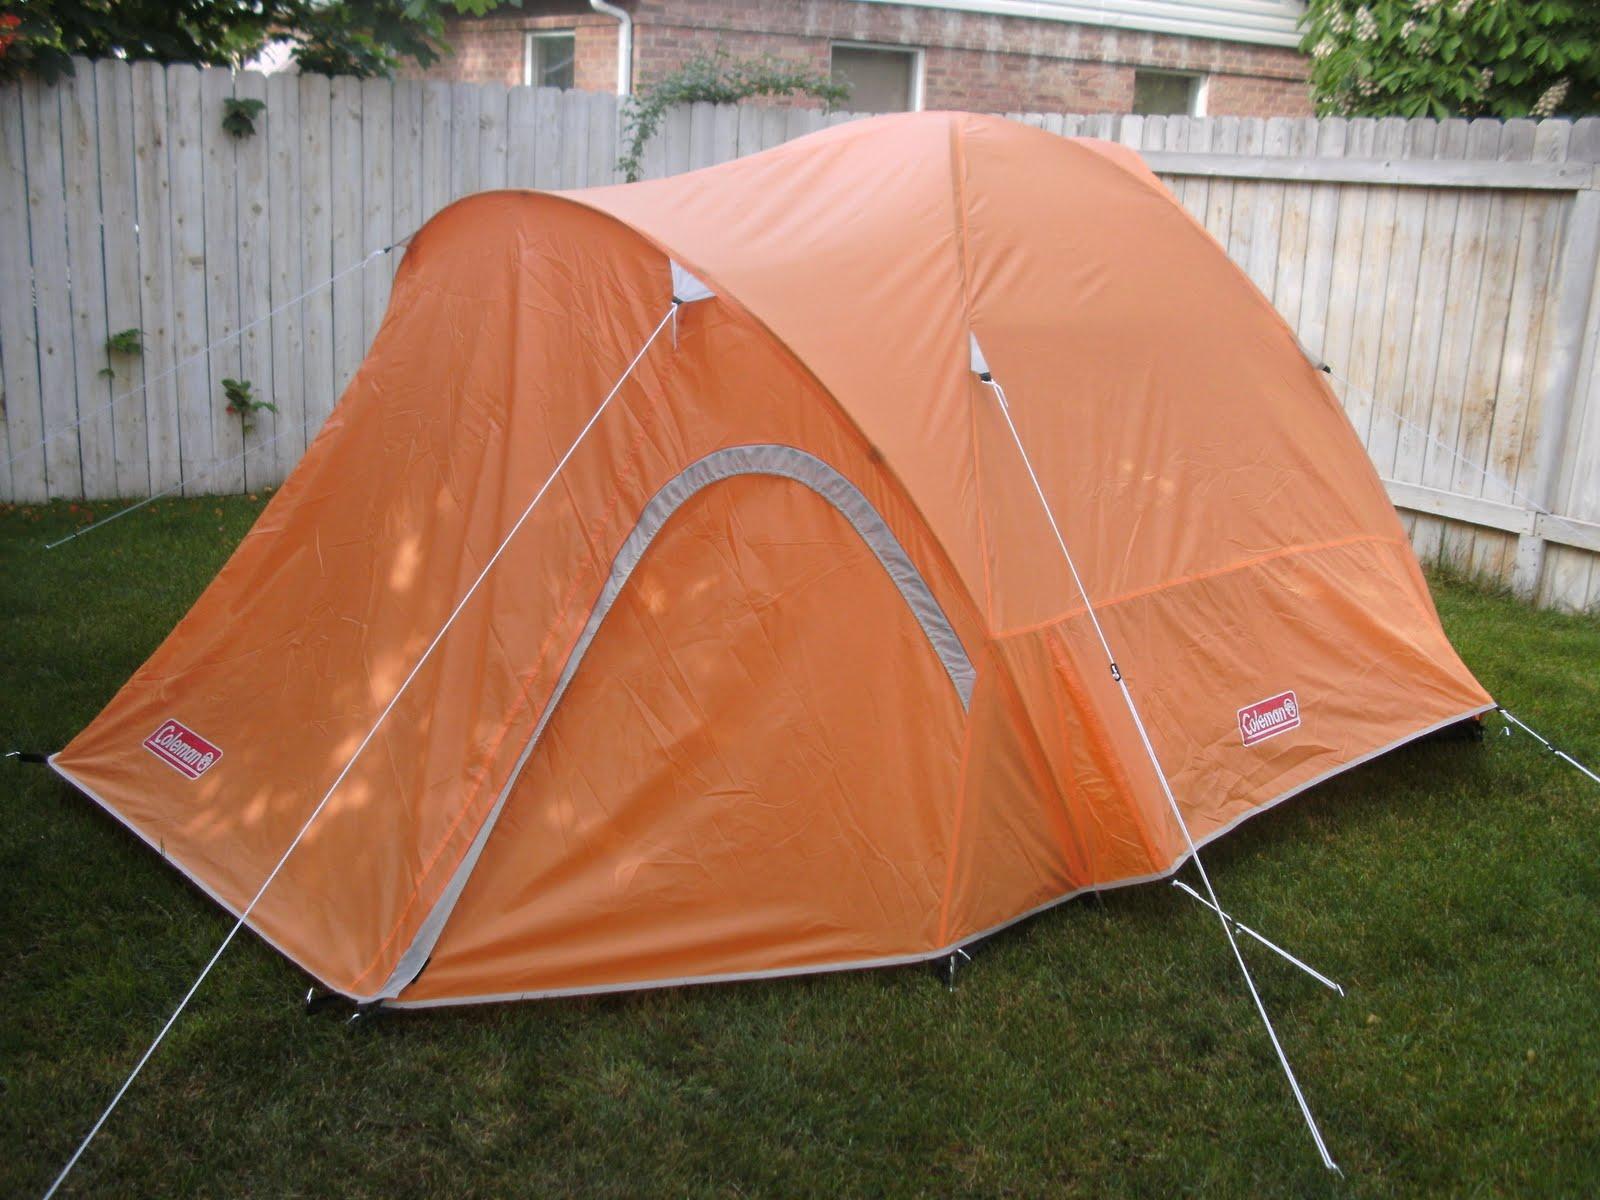 http://4.bp.blogspot.com/_9blYTX1bk_U/TAueJhhcTkI/AAAAAAAADBg/_NZm1ueJ2JA/s1600/tent.JPG